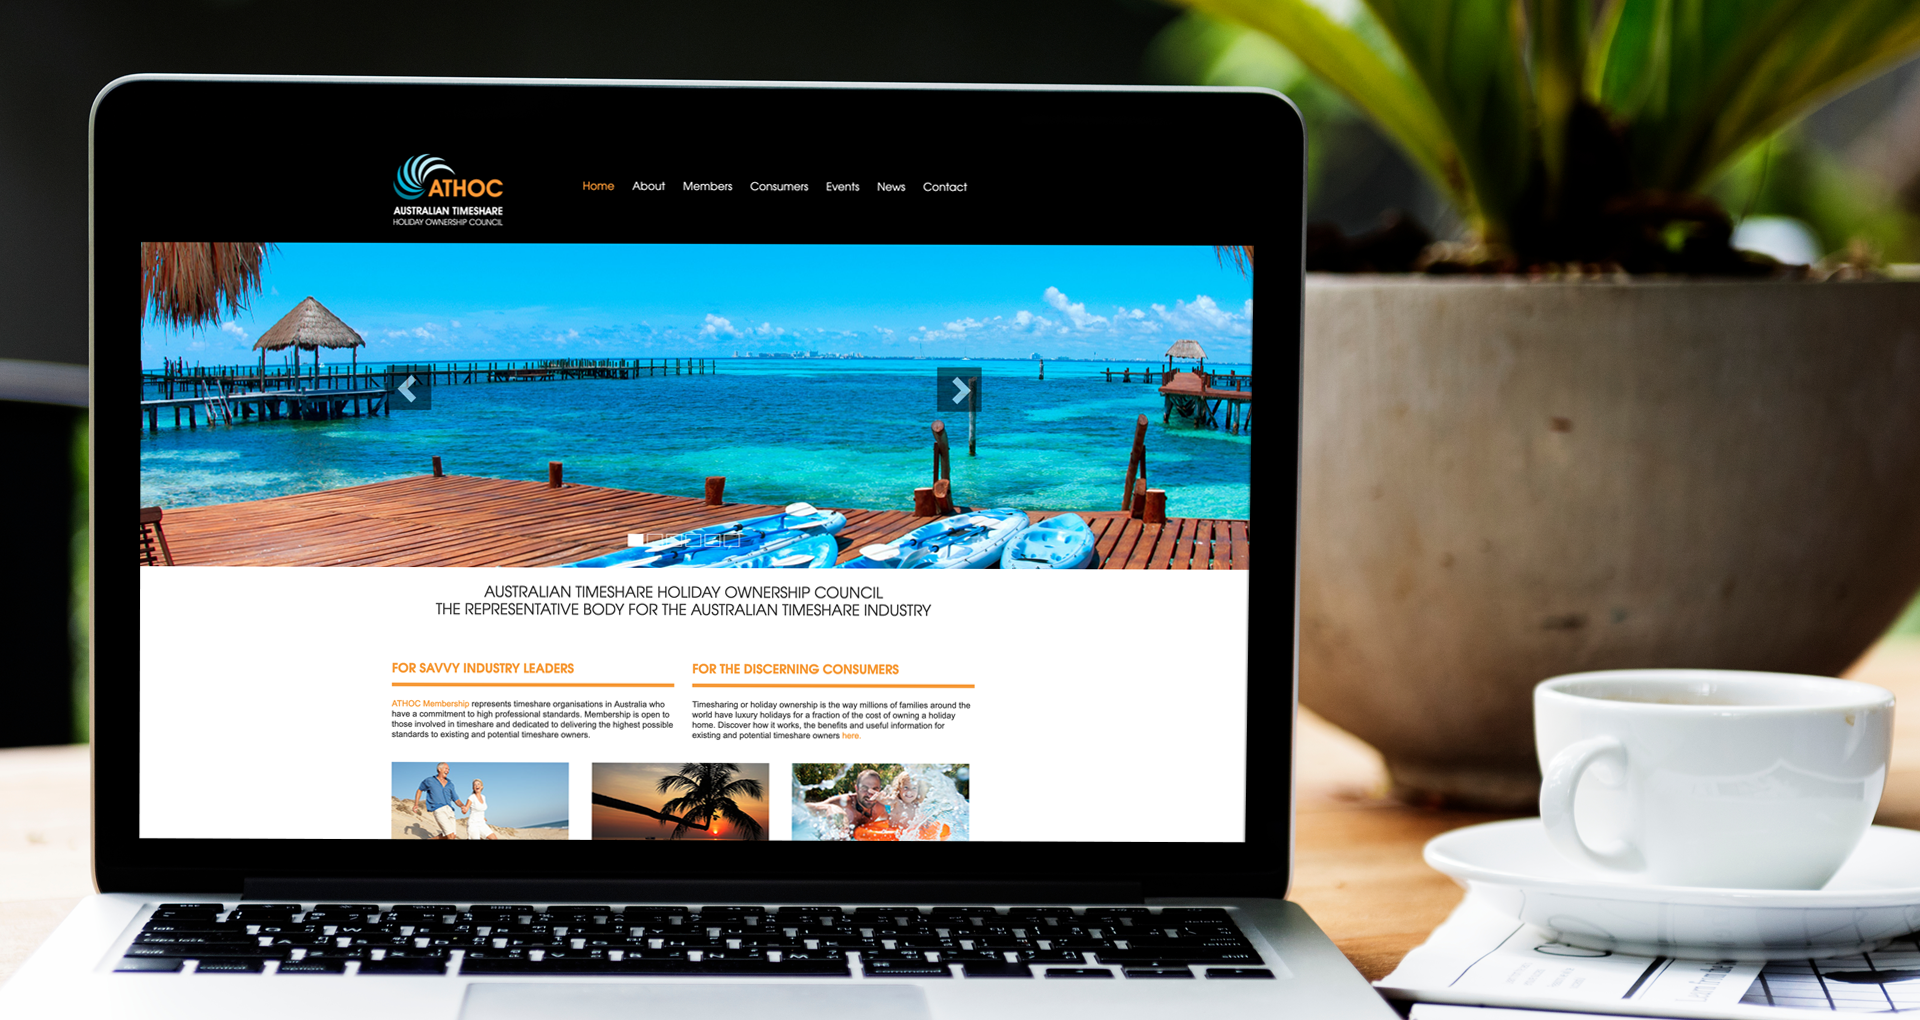 ATHOC Custom Website - athoc.com.au